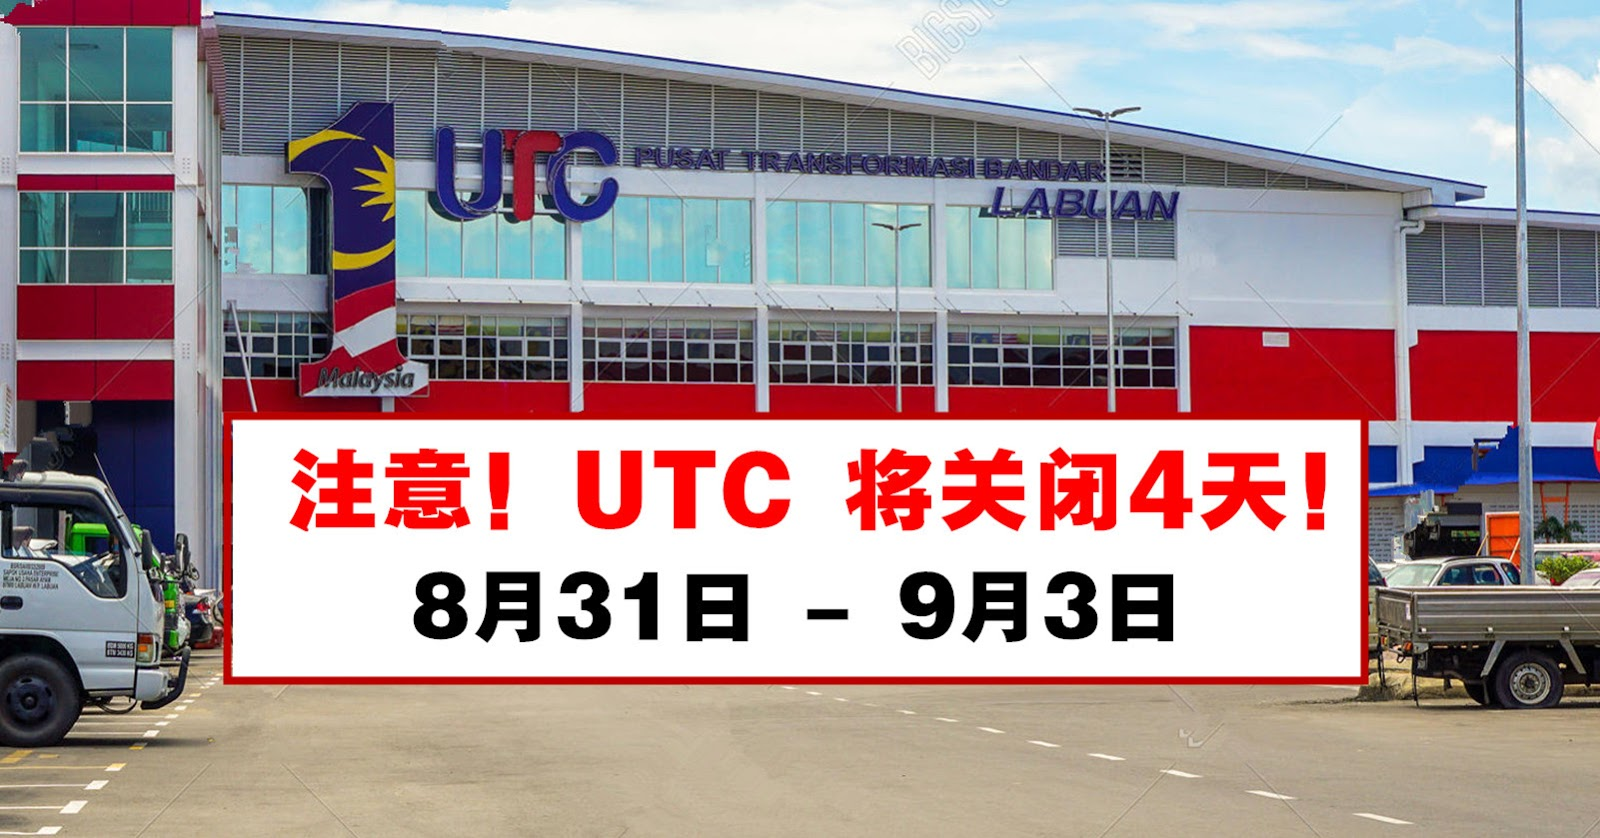 国庆日和哈芝节 UTC 将关闭4天!